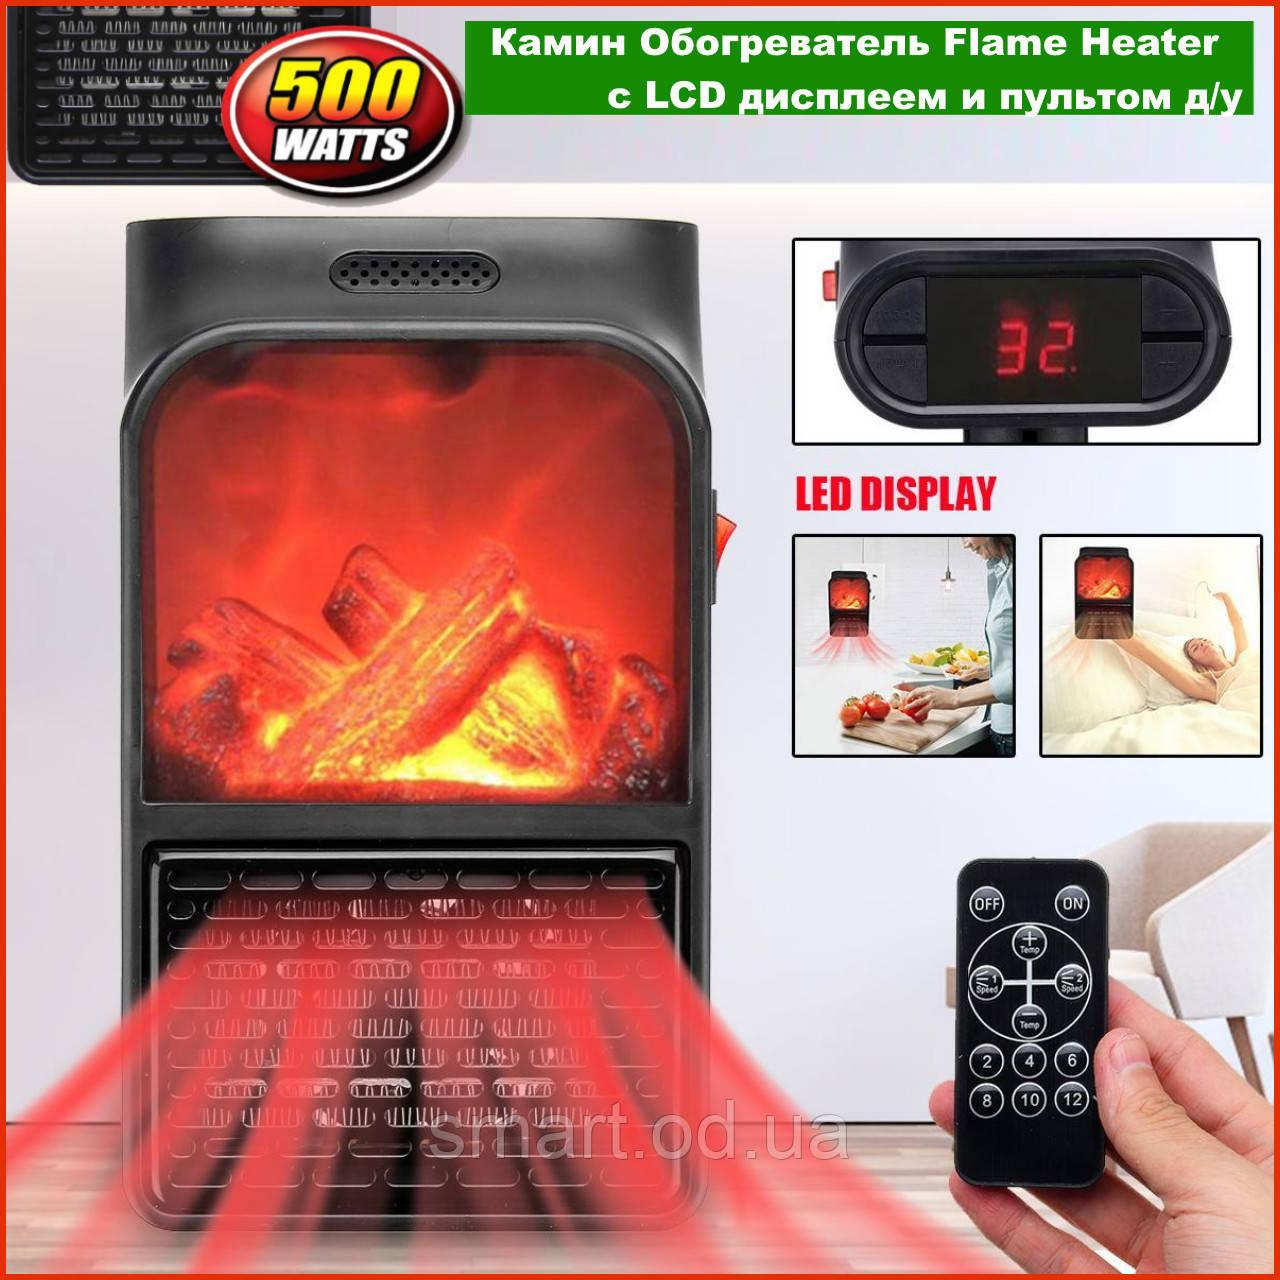 Обогреватель Портативный Rovus FLAME HEATER 500w с LCD-дисплеем, пультом Д/У и имитацией камина